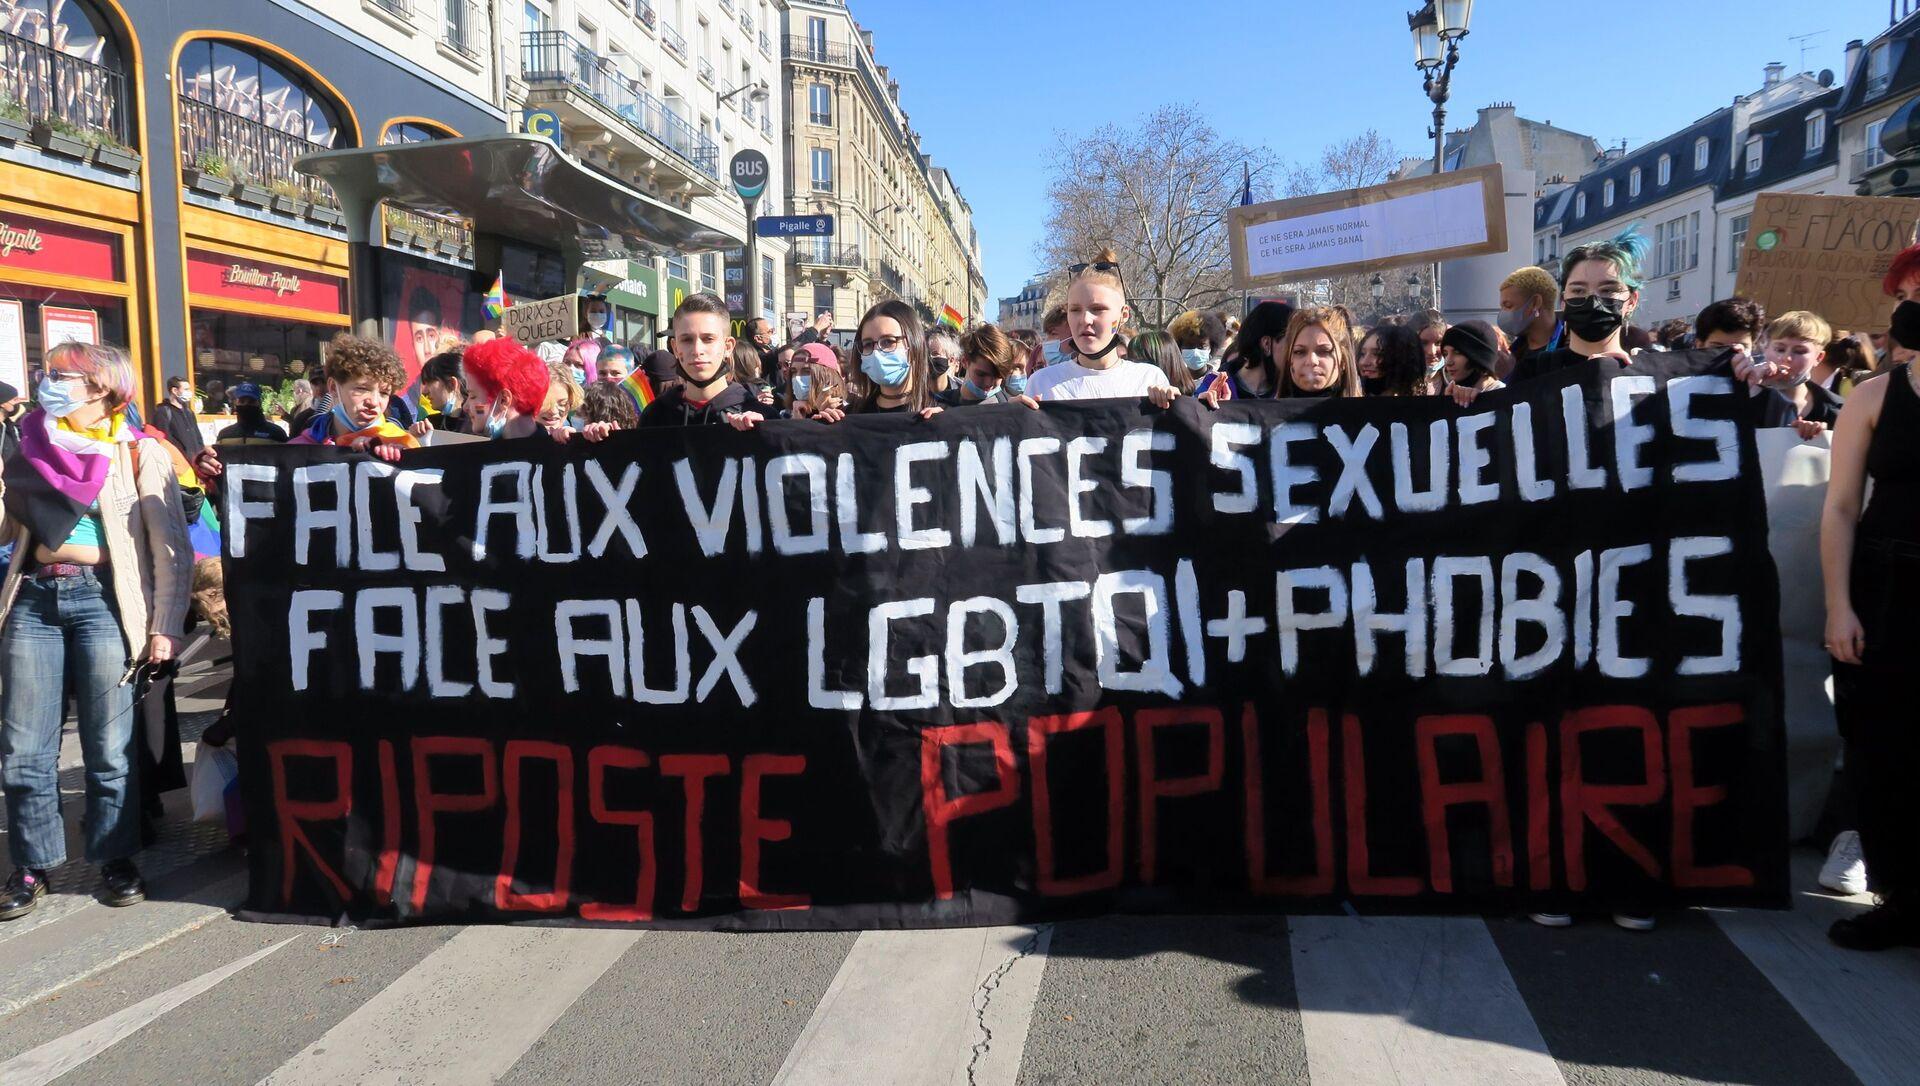 Fransız Komünist Partisi (PCF) üyesi 20 yaşındaki bir üniversite öğrencisinin, partinin Belediye Meclisi'ne seçilen üyesi Maxime Cochard ve arkadaşı Victor Laby'nin cinsel saldırısına uğradığını açıklayarak, intihar etmesinin ardından patlak veren skandal ülkeyi karıştırdı, yüzlerce kişi sokaklara dökülerek gösteri düzenledi. - Sputnik Türkiye, 1920, 28.02.2021